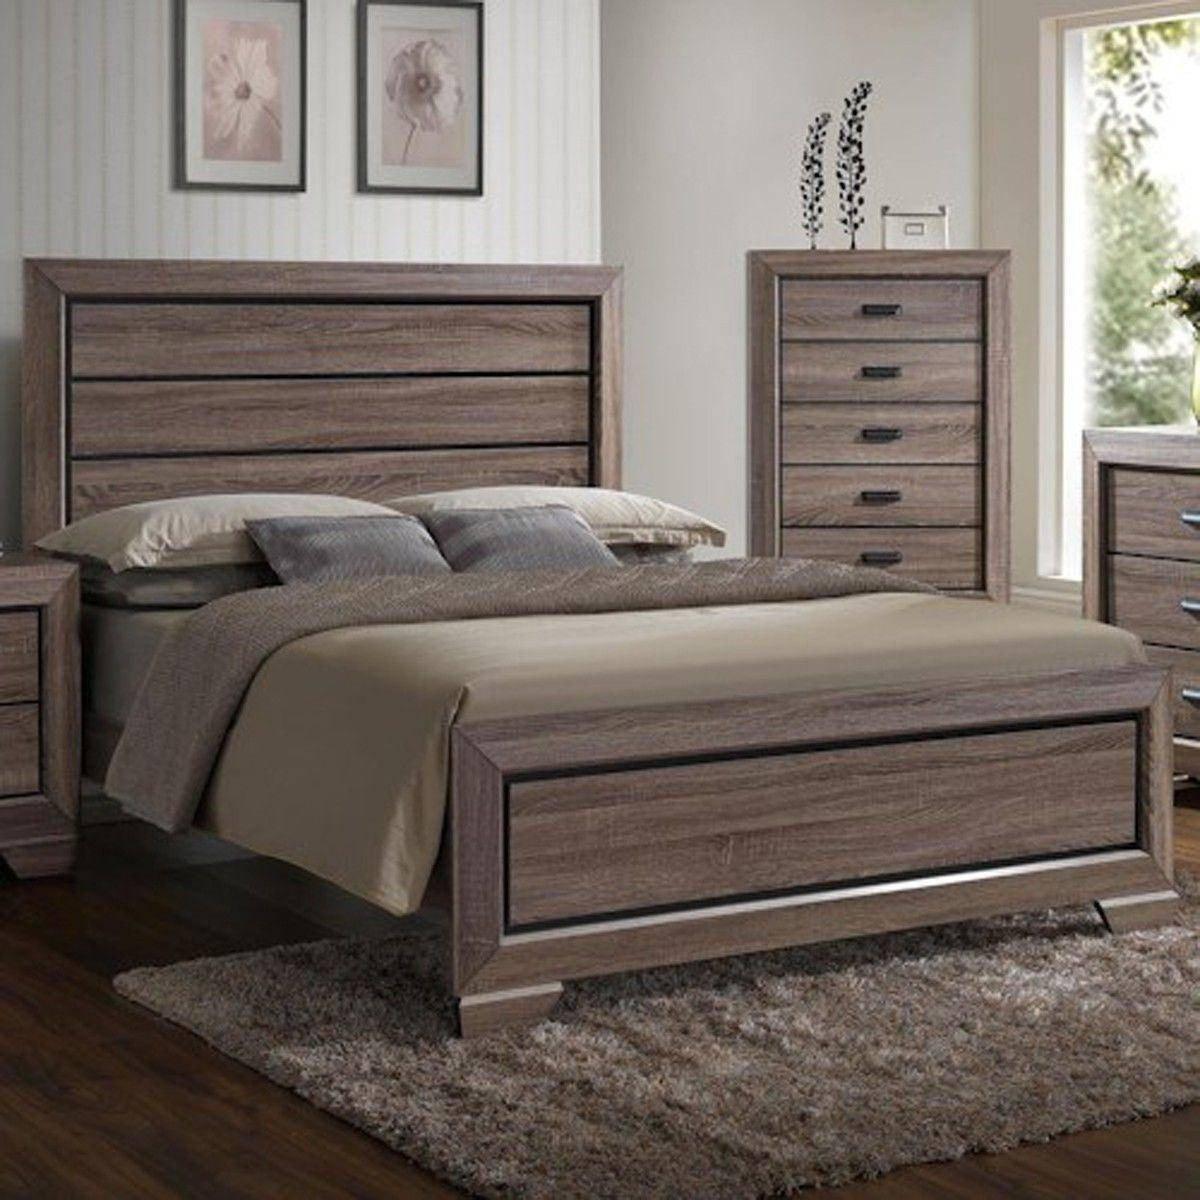 Queen Size Bedroom Set Best Of Crown Mark B5500 Farrow Grey Brown Finish solid Wood Queen